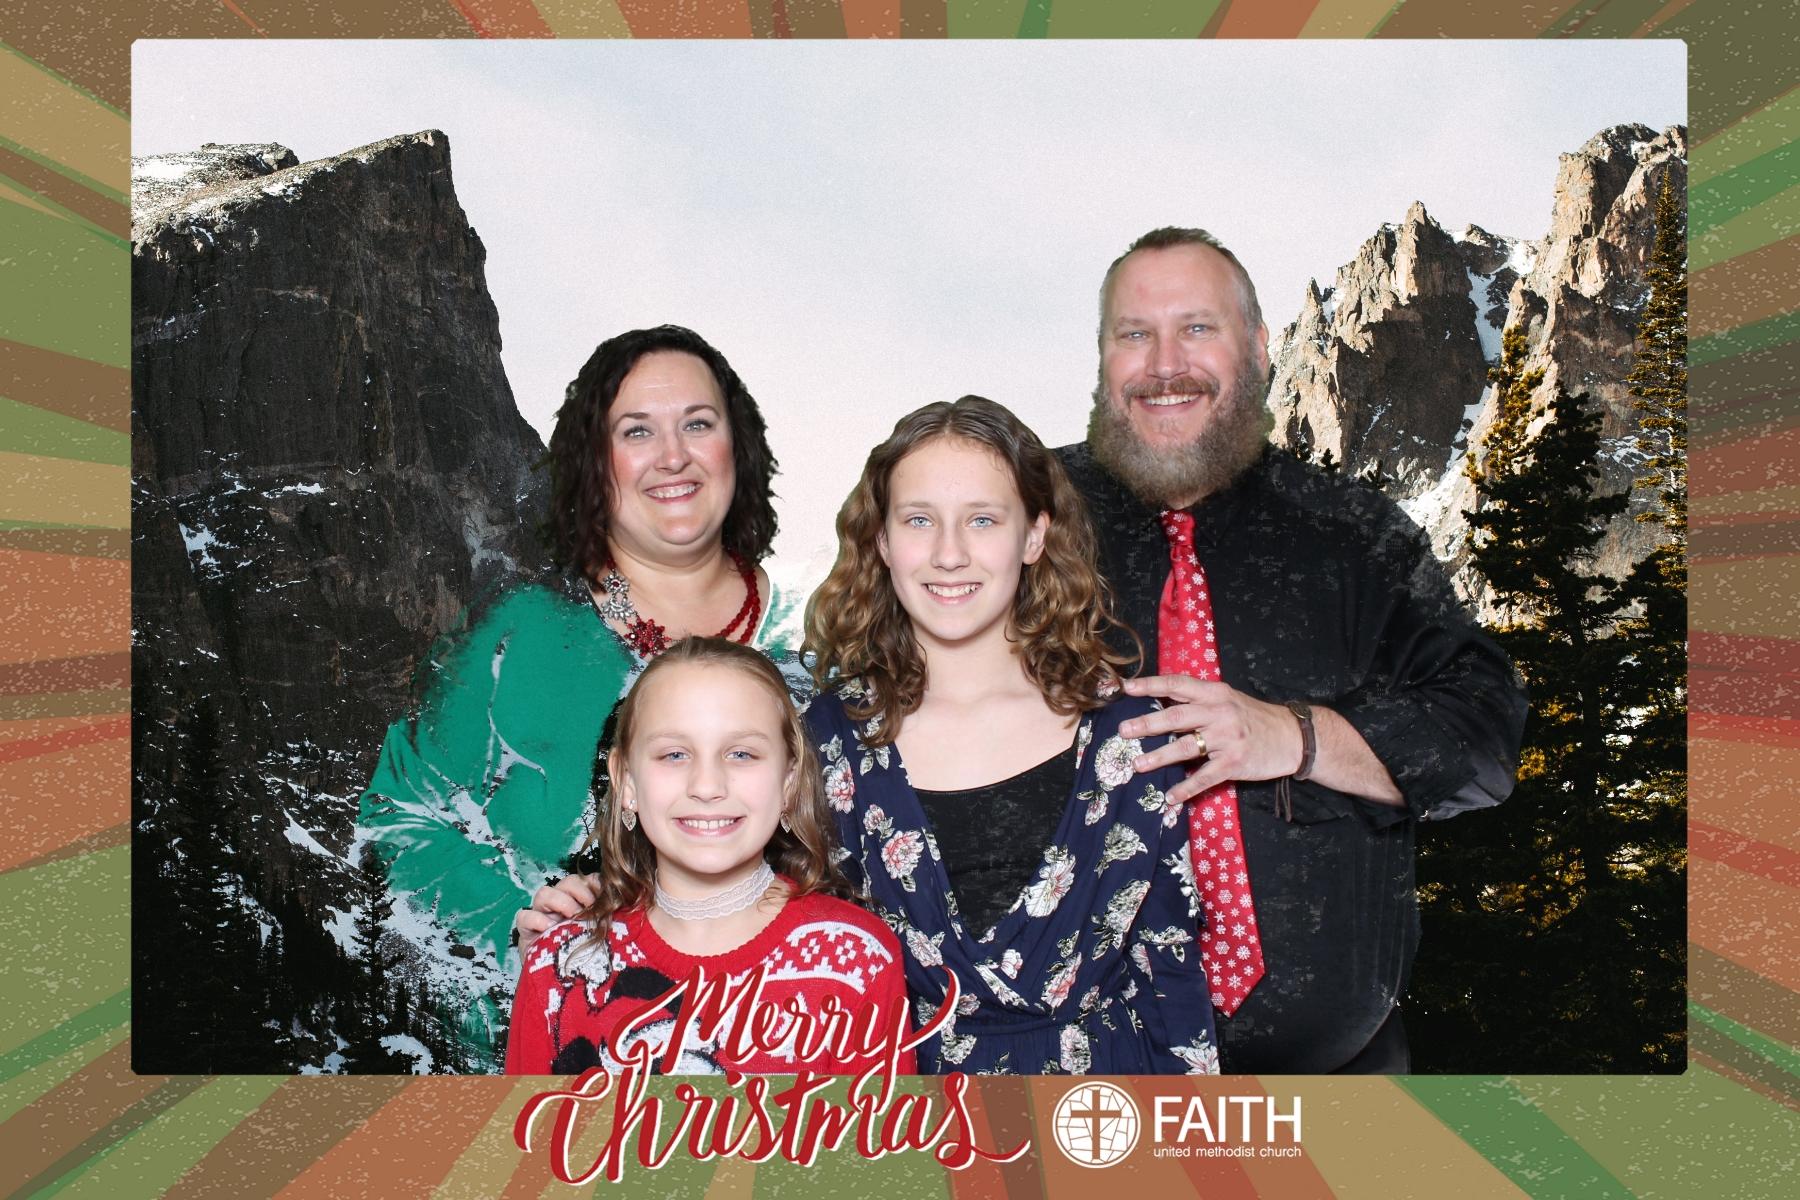 Faith2018_2018-12-24_16-57-51.jpg